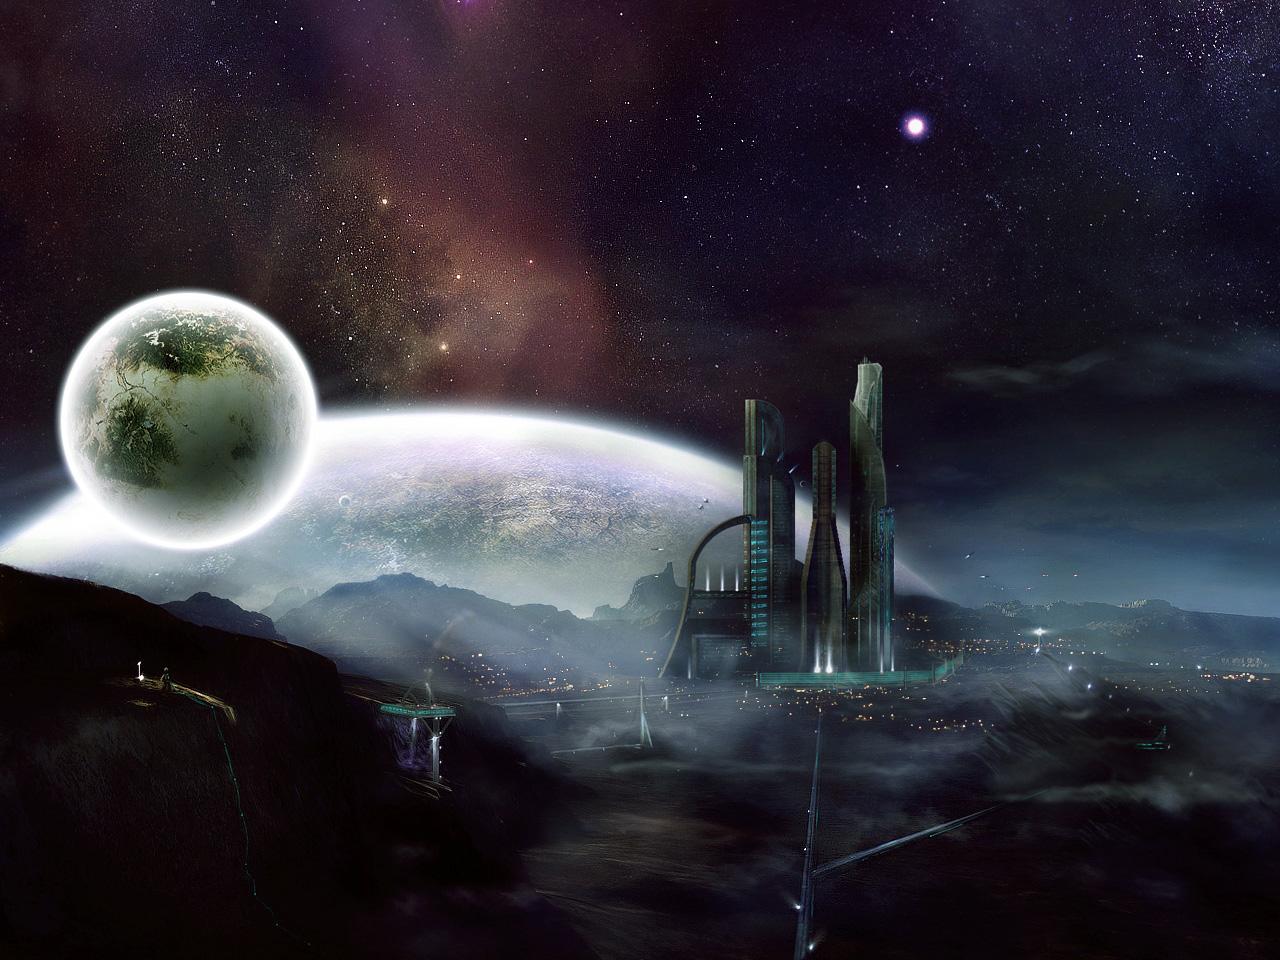 lunar-city-wallpaper.jpg